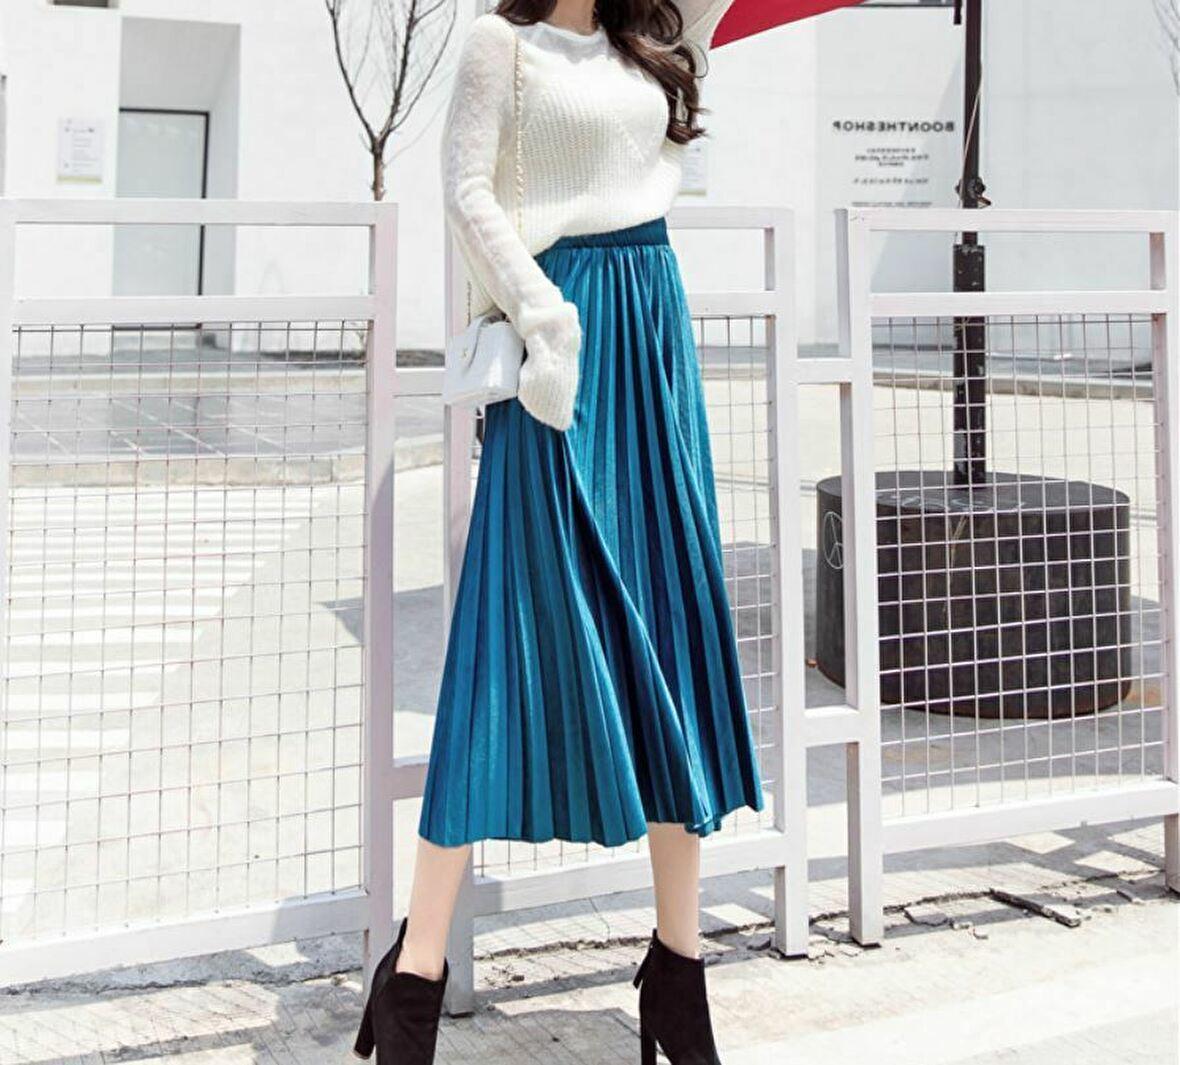 【新品】レディース スカート プリーツ ロング ベロア風 ブルー 青 秋 冬 おしゃれ かわいい ウエスト ゴム M_画像3